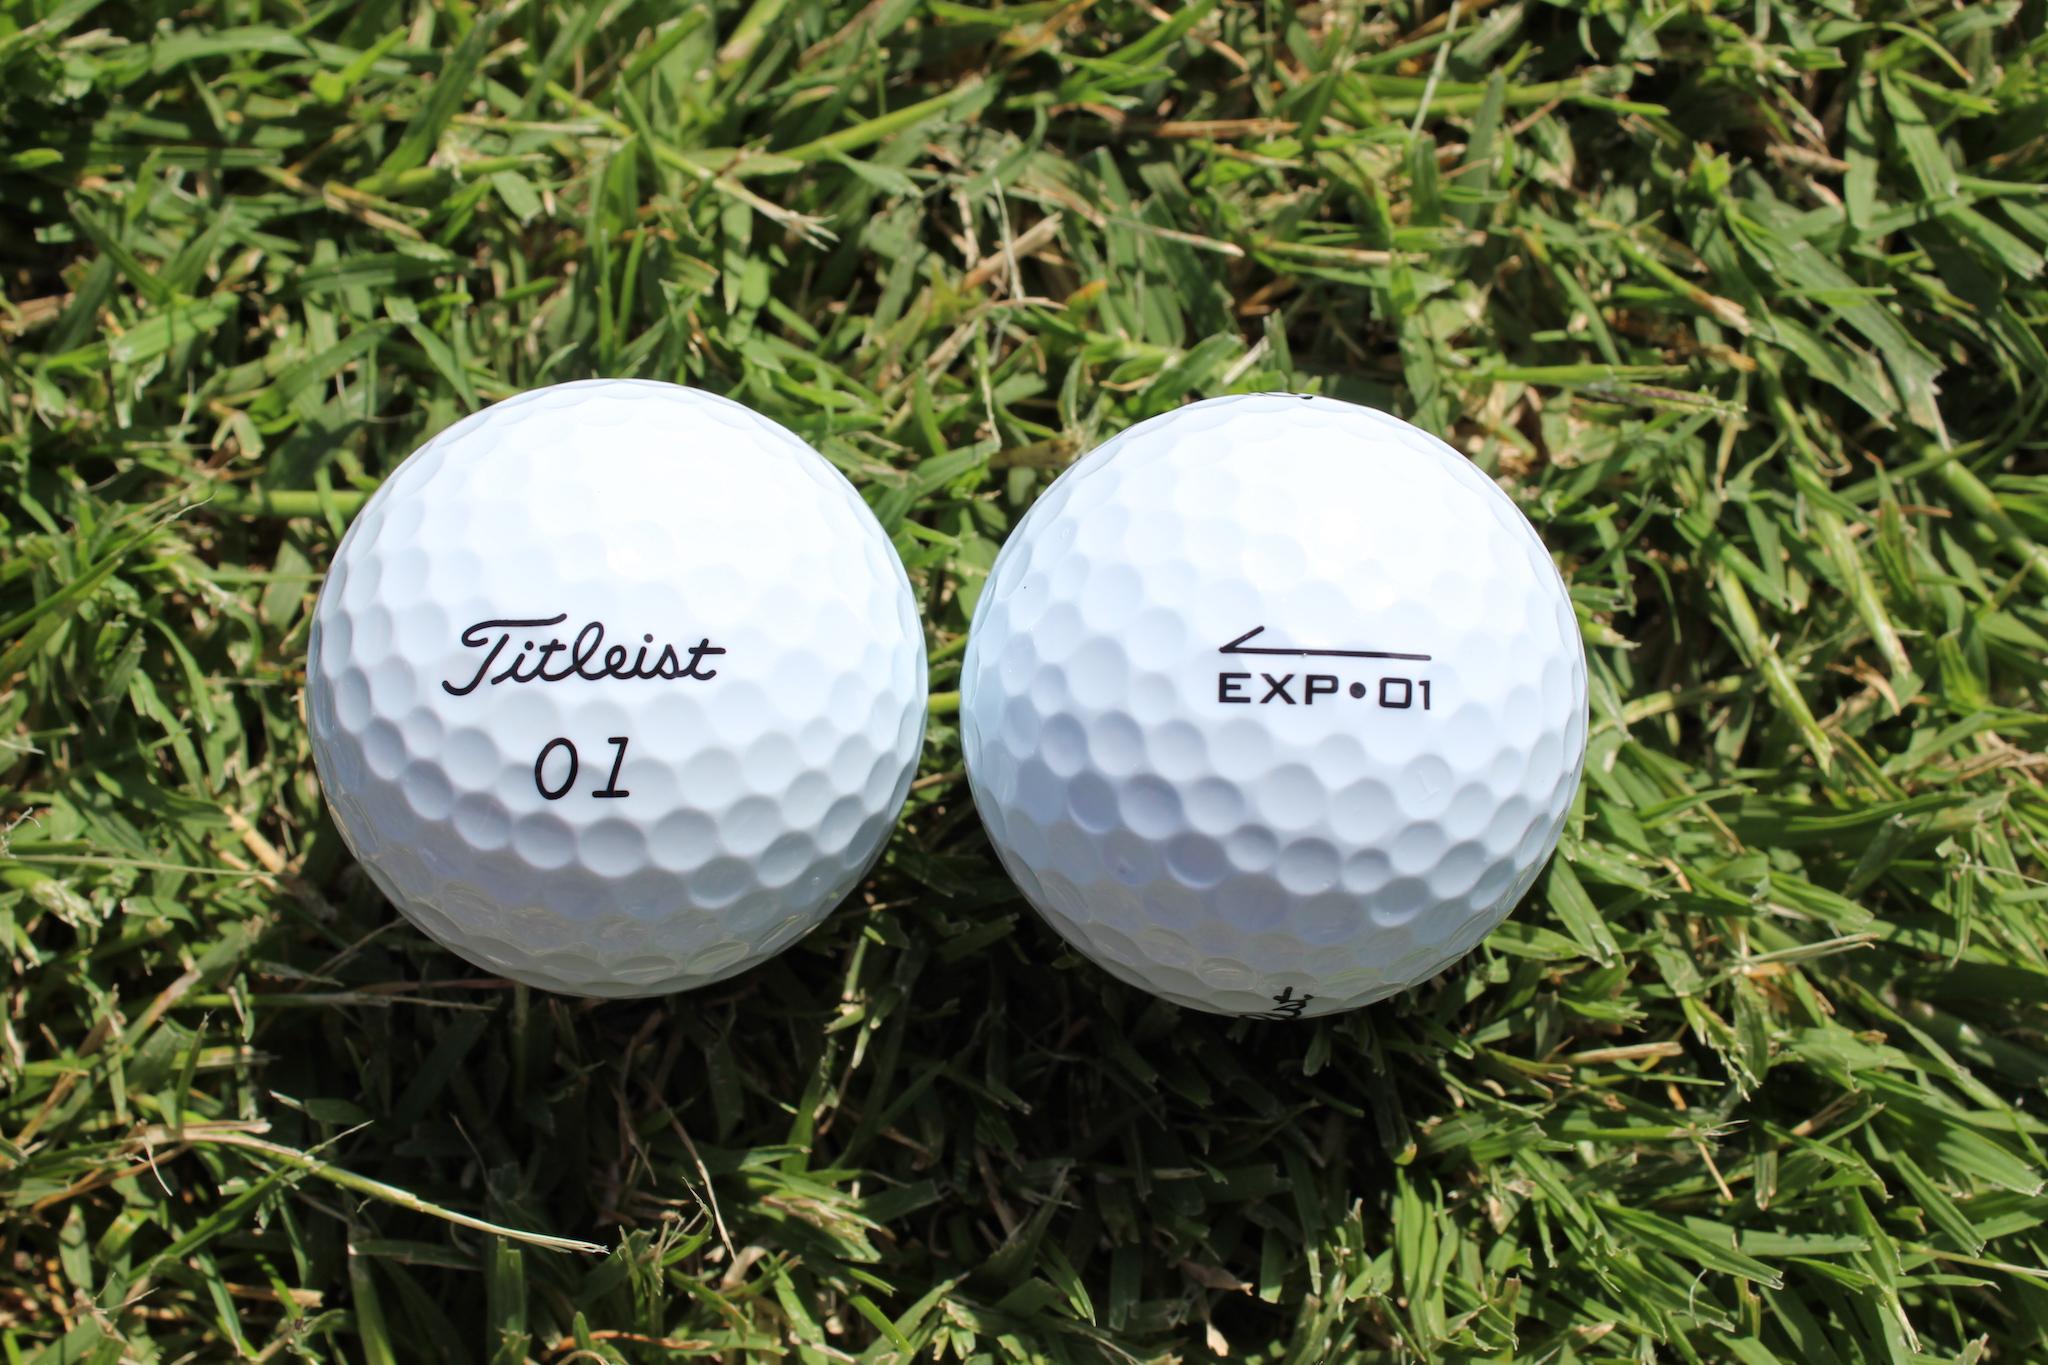 2020 Titleist EXP-01 golf balls